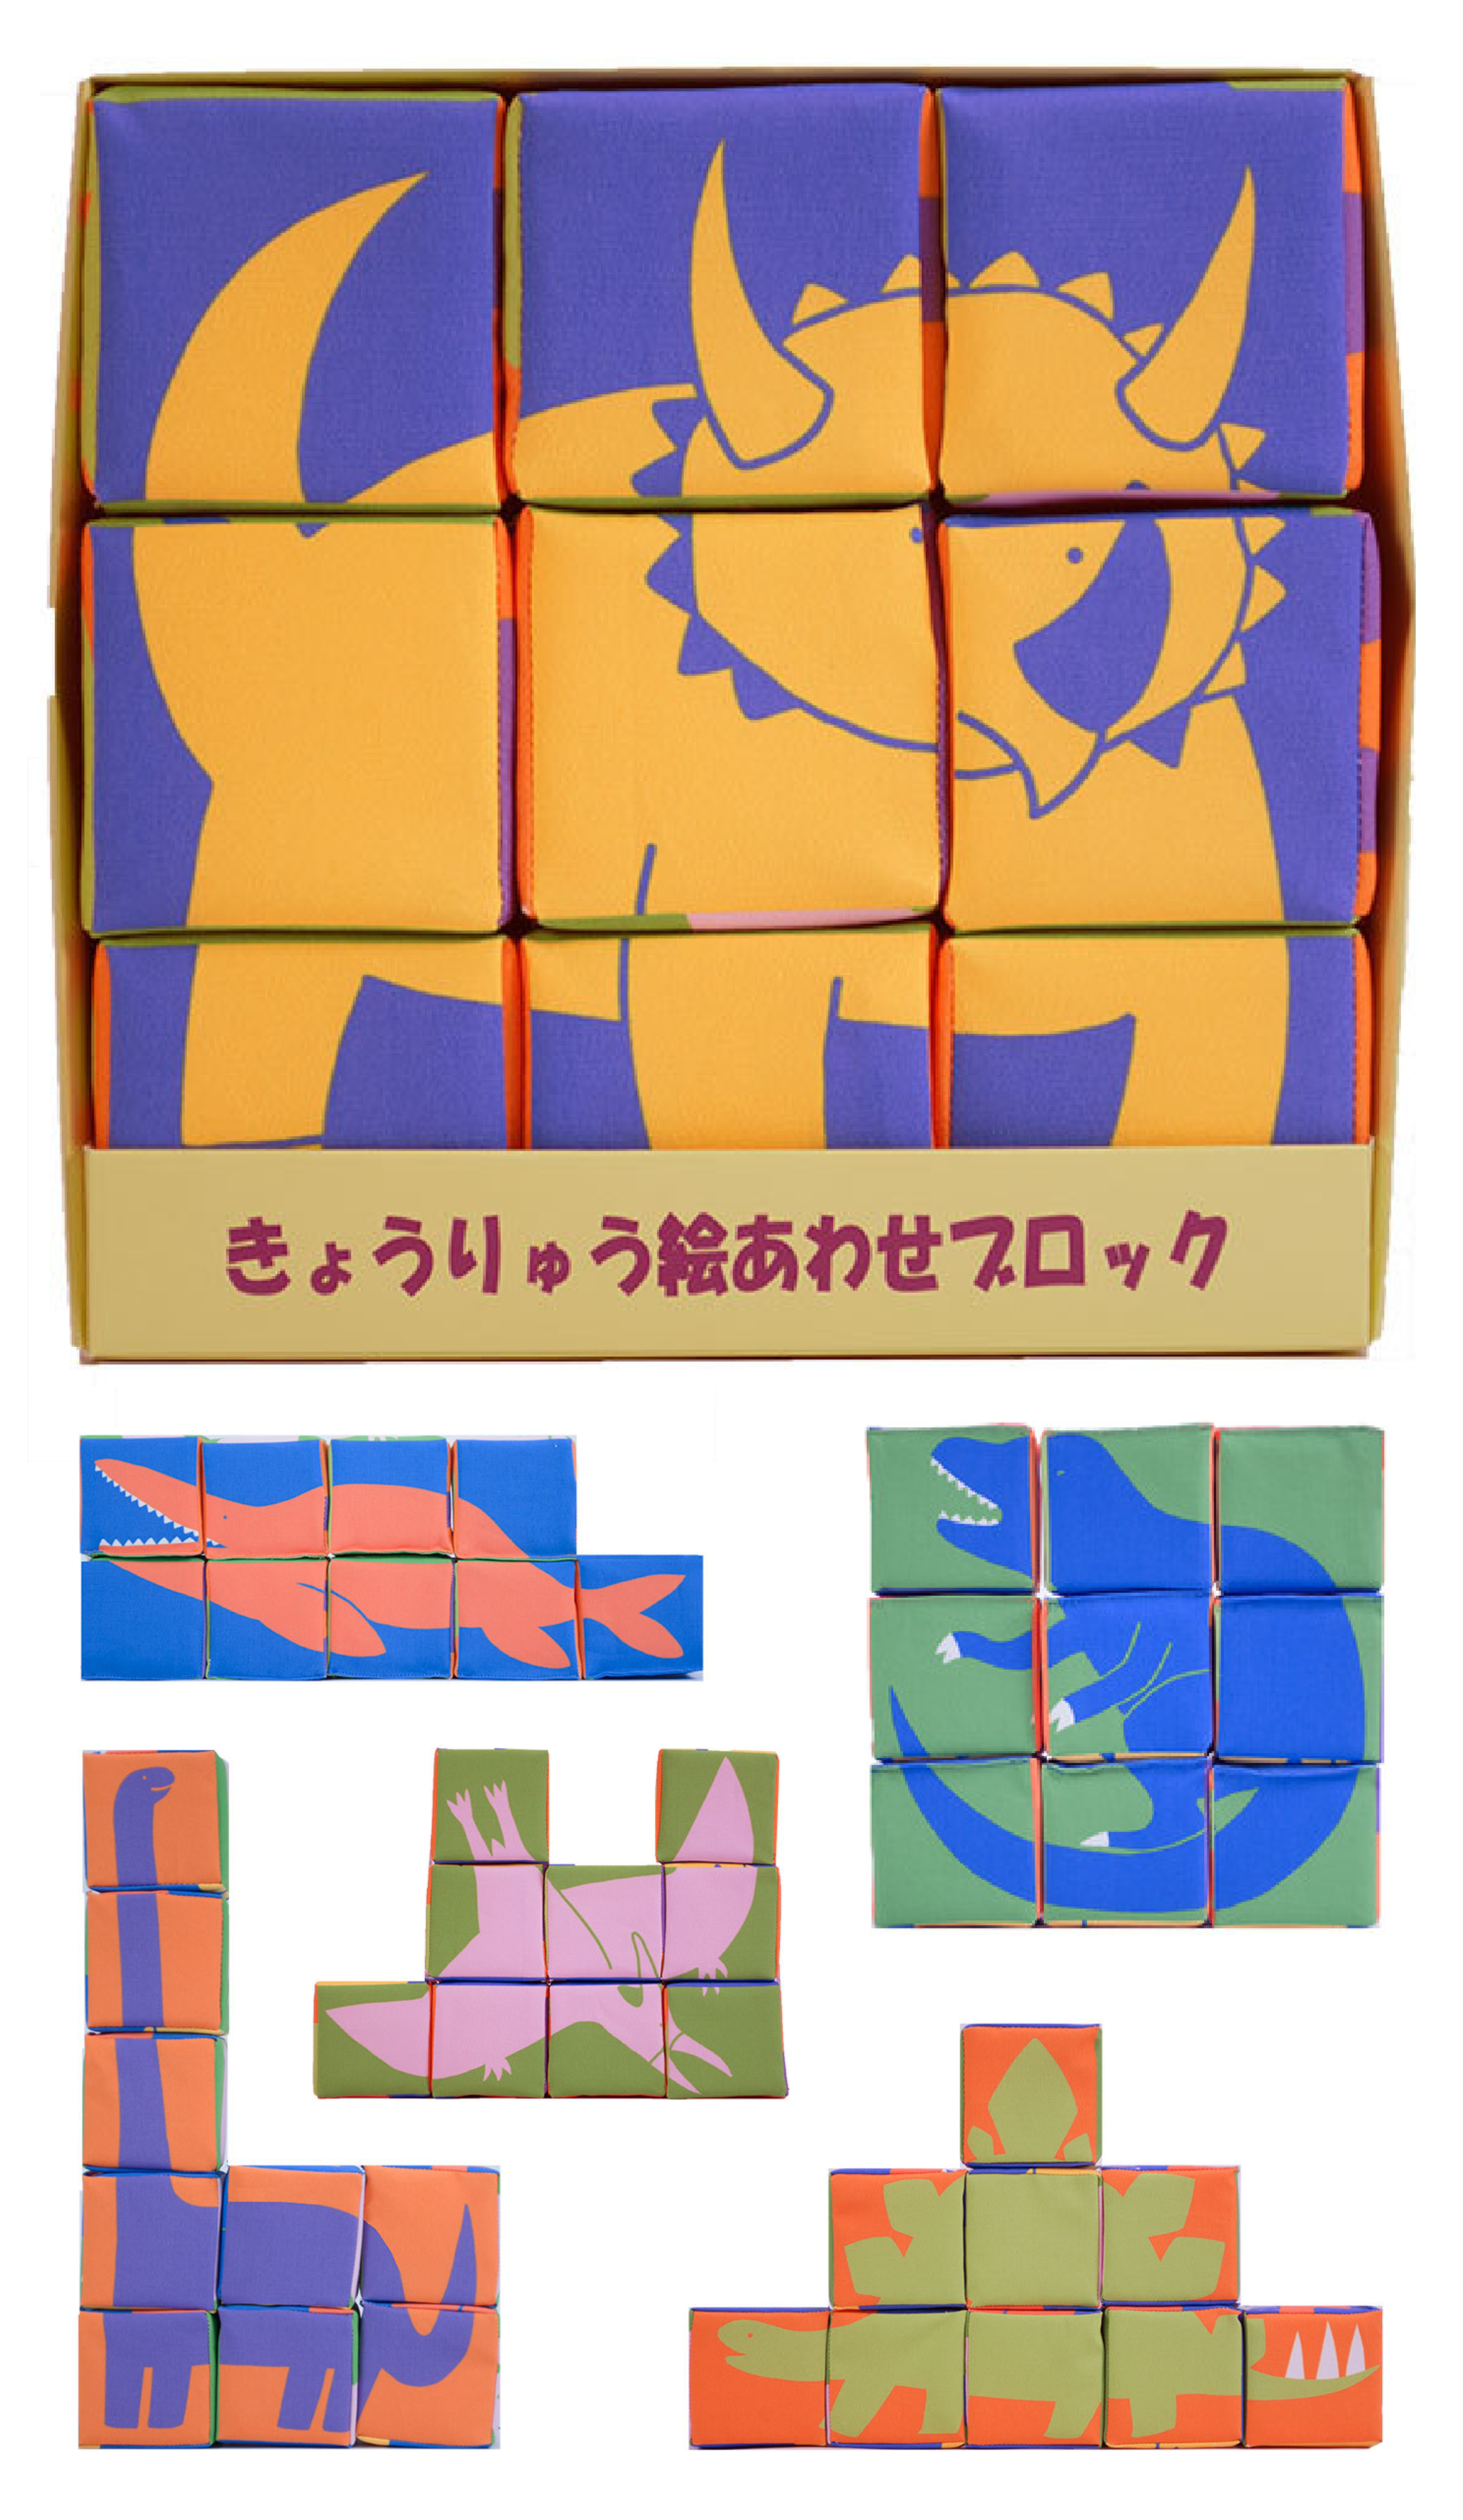 「きょうりゅう絵合わせブロック」イラスト<株式会社啓>